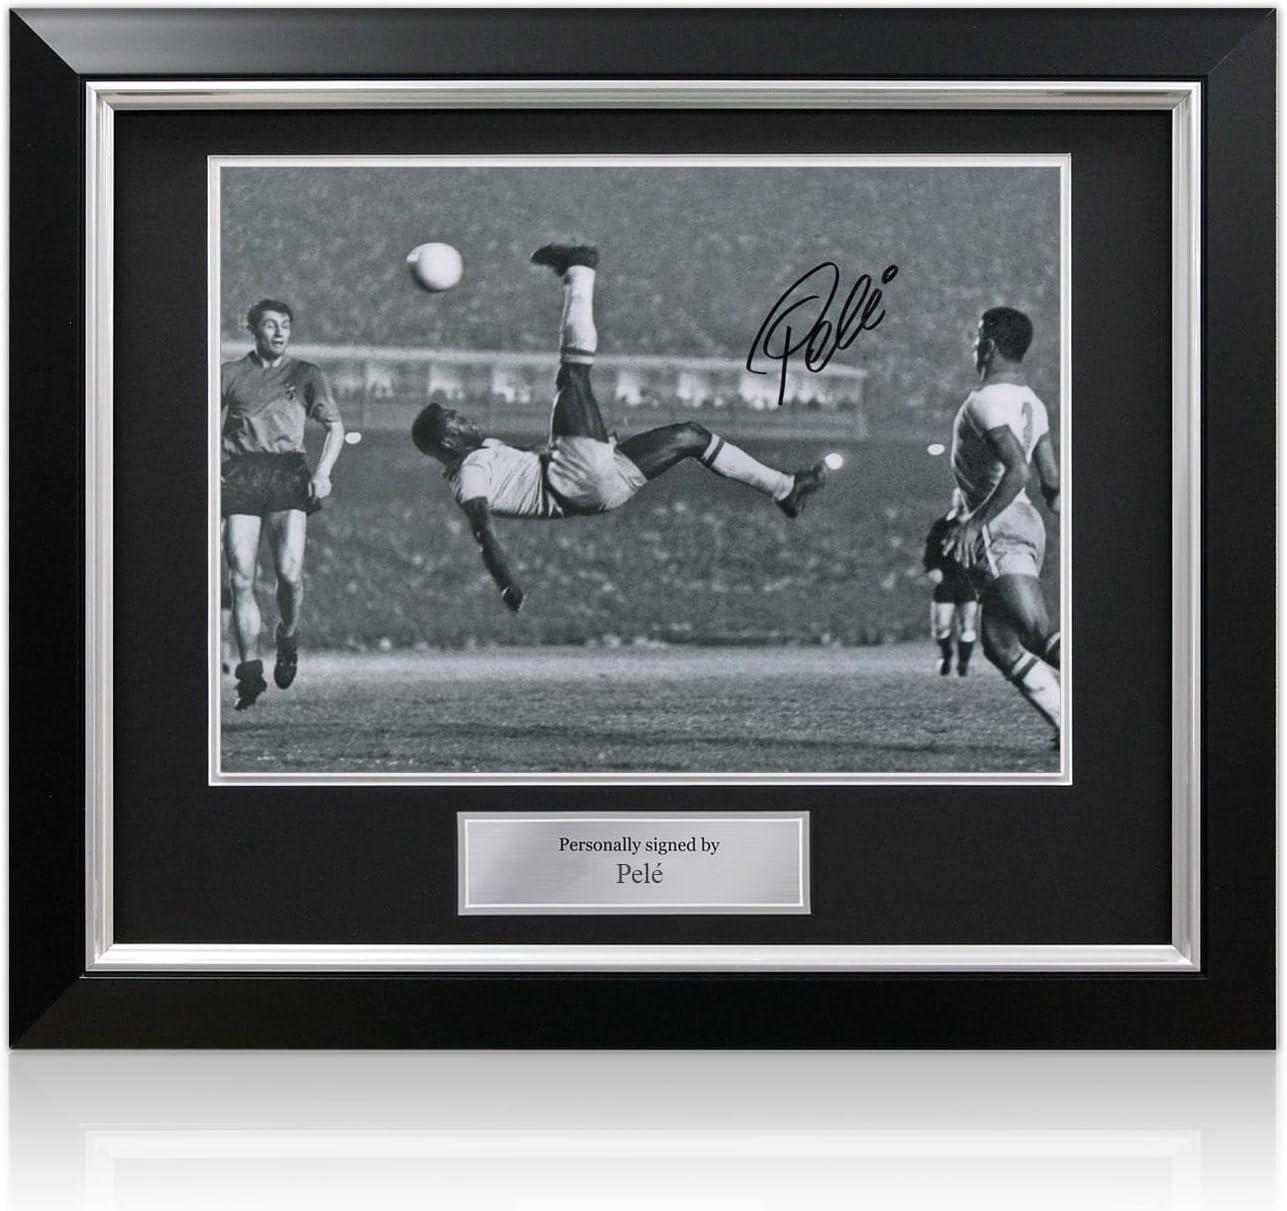 Foto firmada por Pele: Patada. En marco negro de lujo con ...